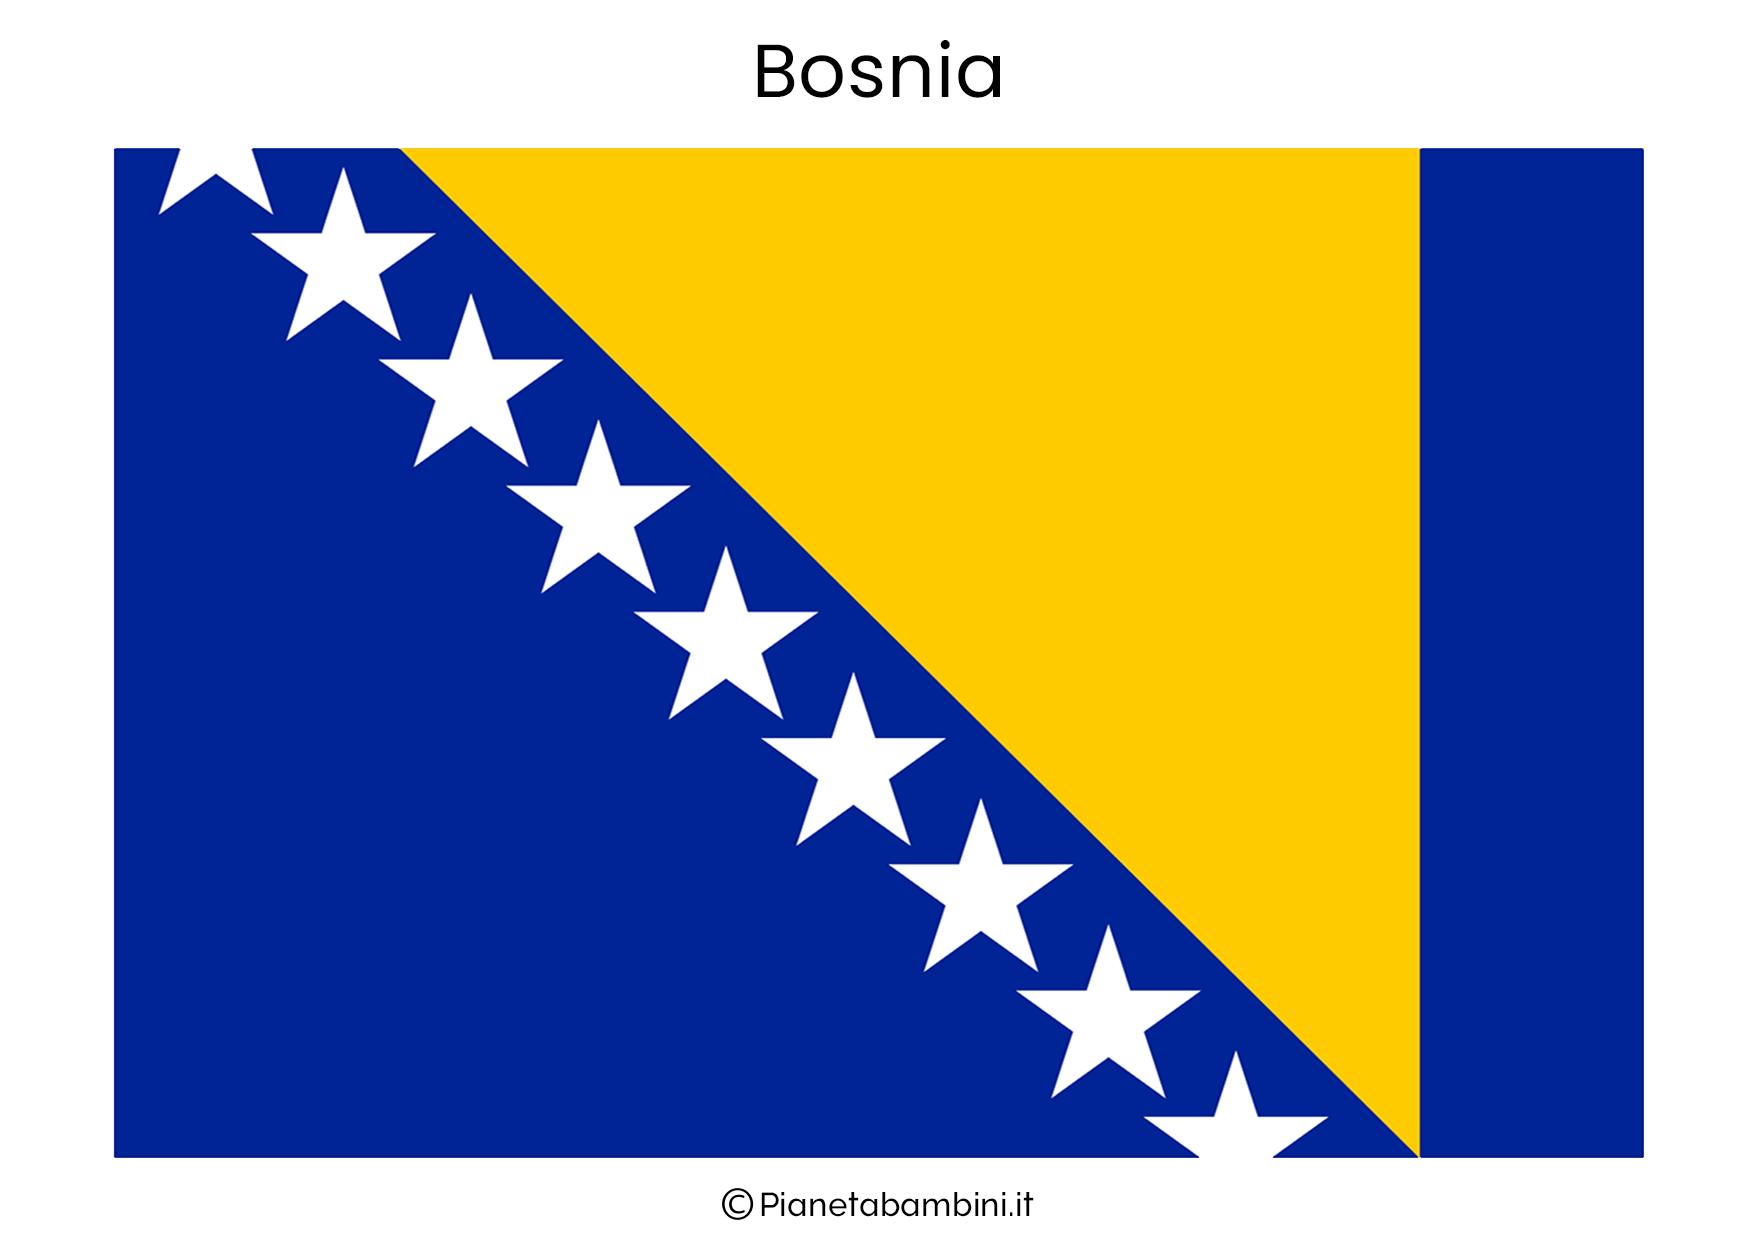 Bandiera della Bosnia da stampare